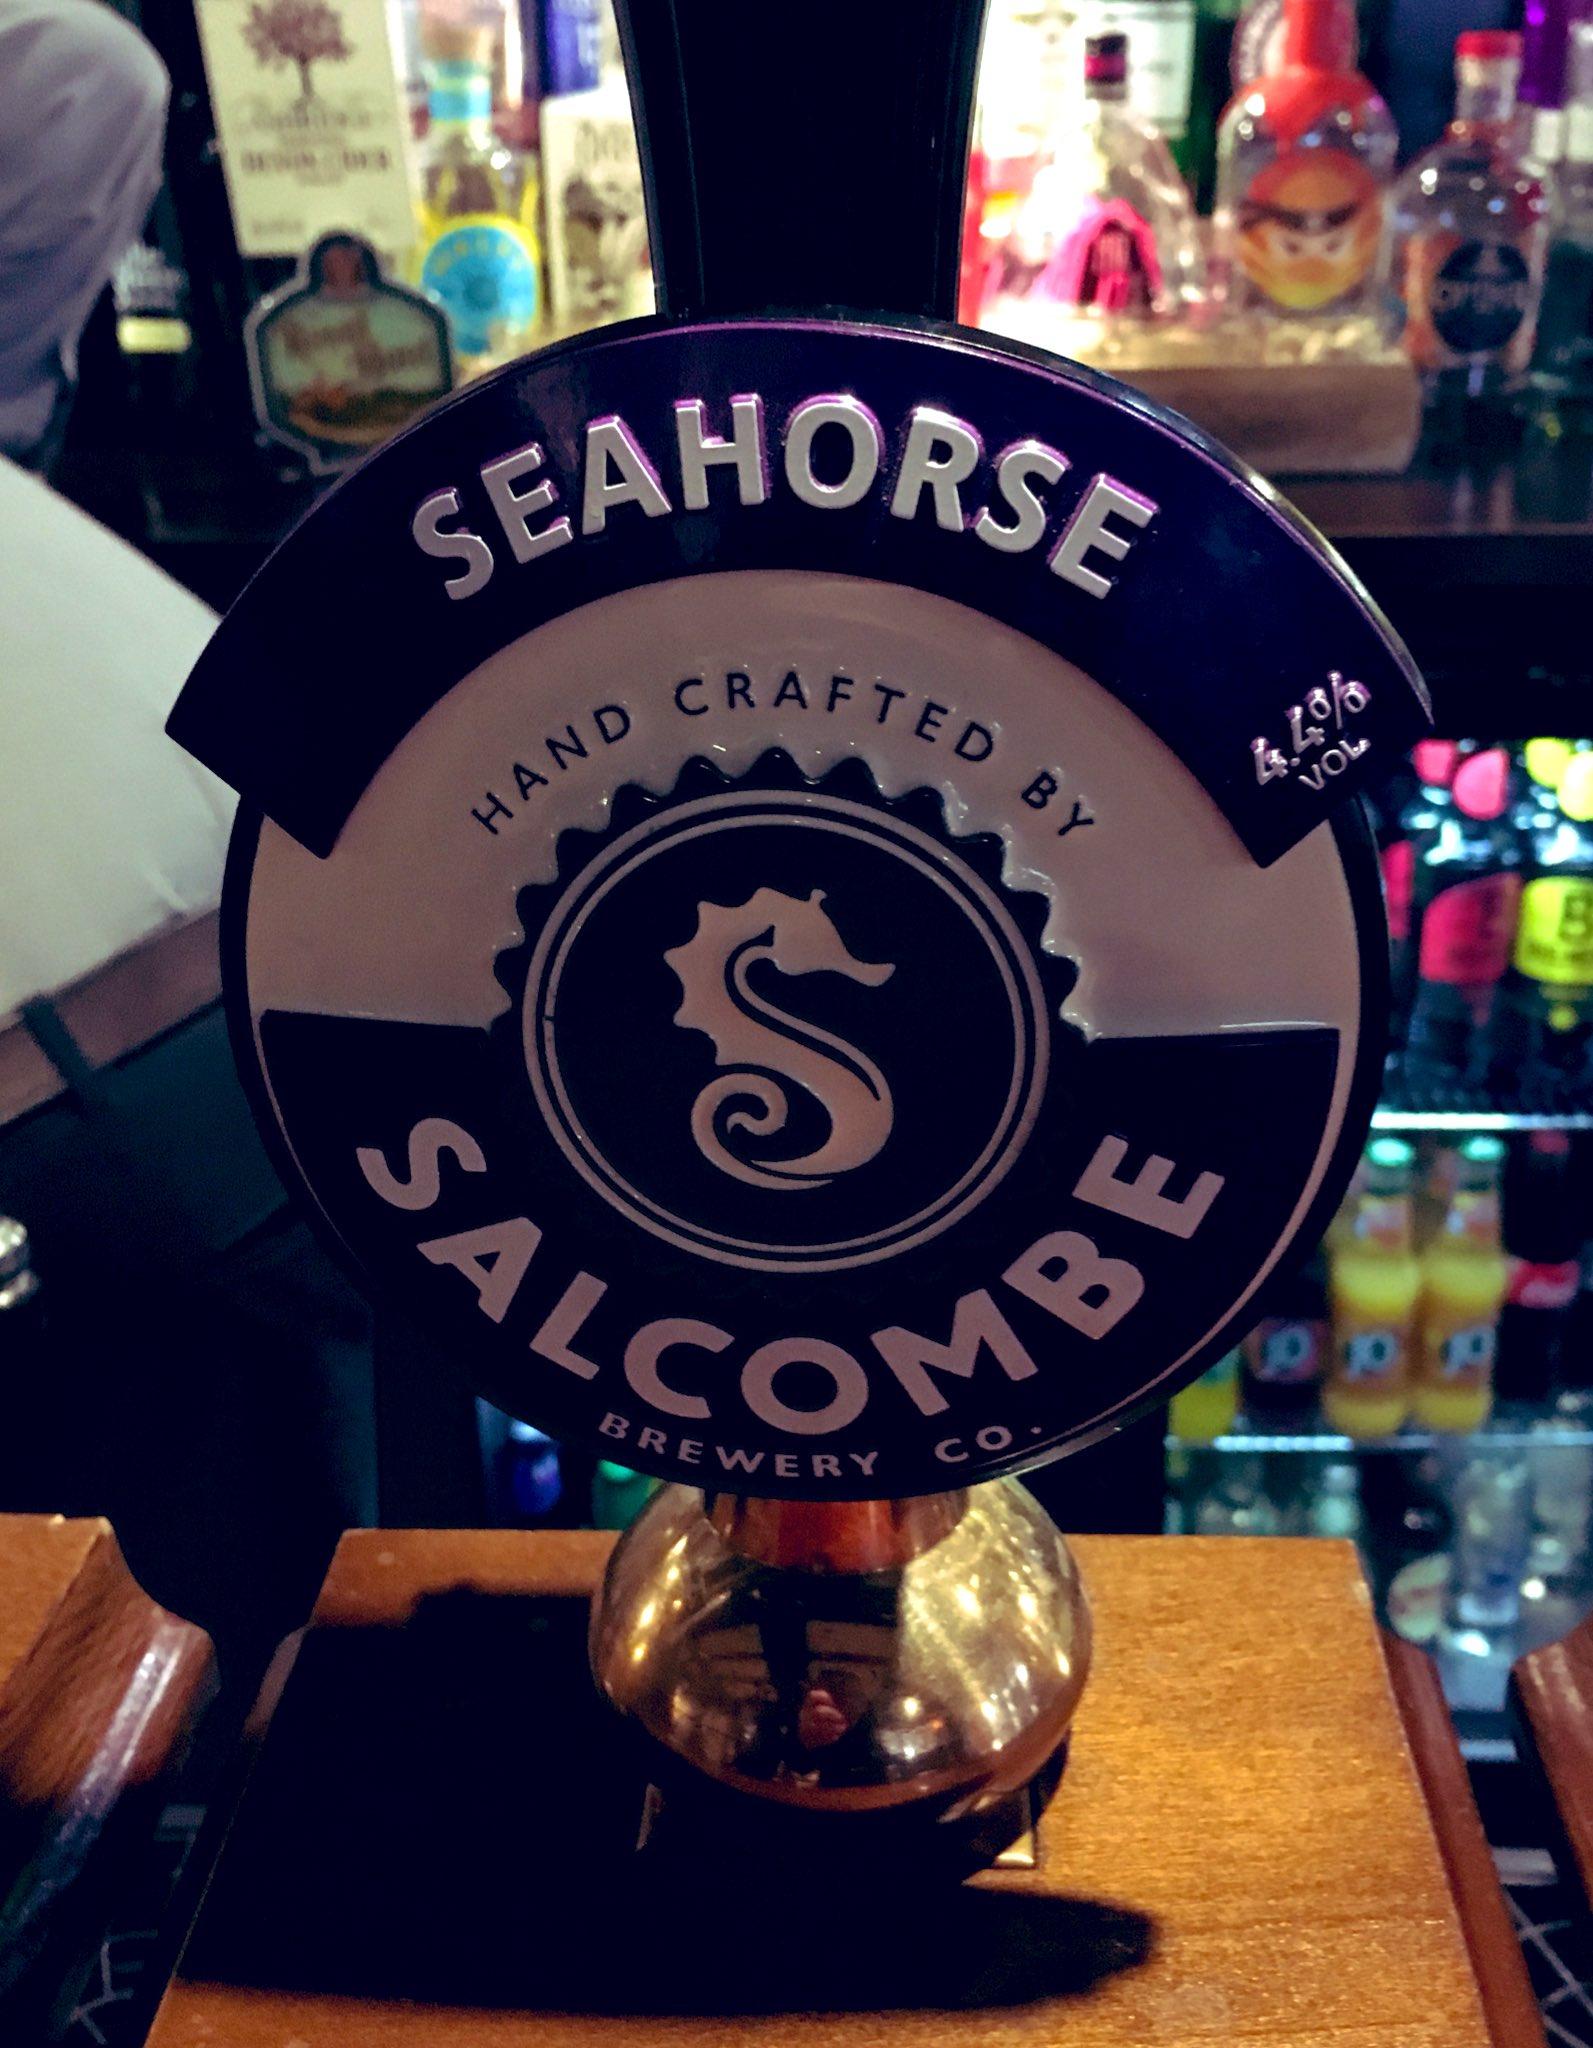 57: Seahorse